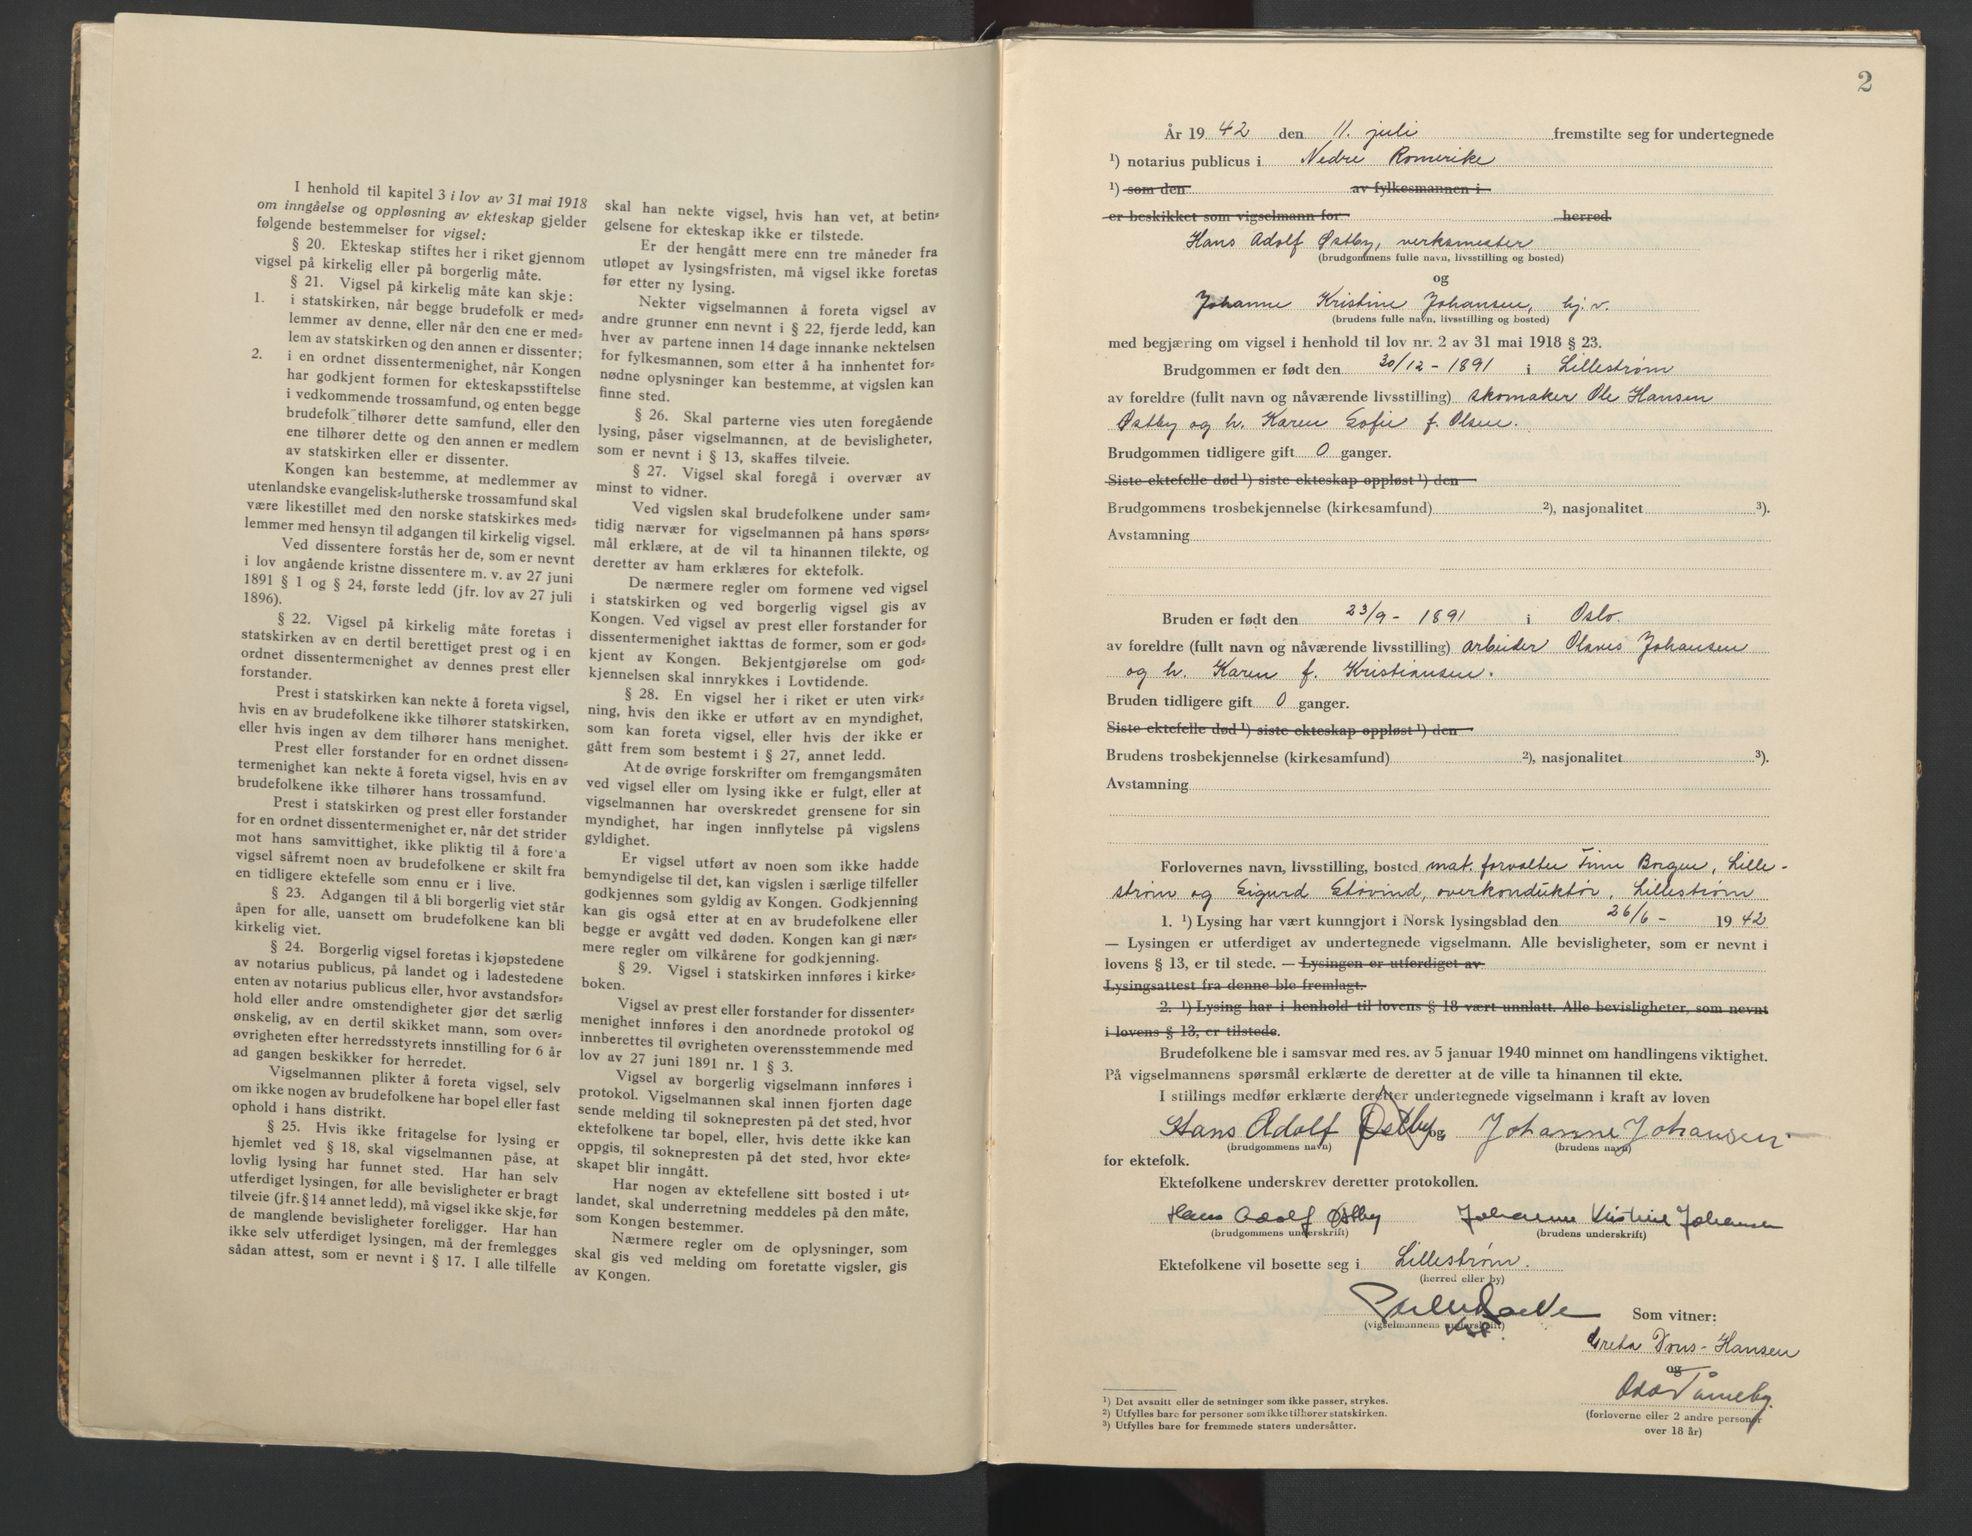 SAO, Nedre Romerike sorenskriveri, L/Lb/L0003: Vigselsbok - borgerlige vielser, 1942-1943, s. 2